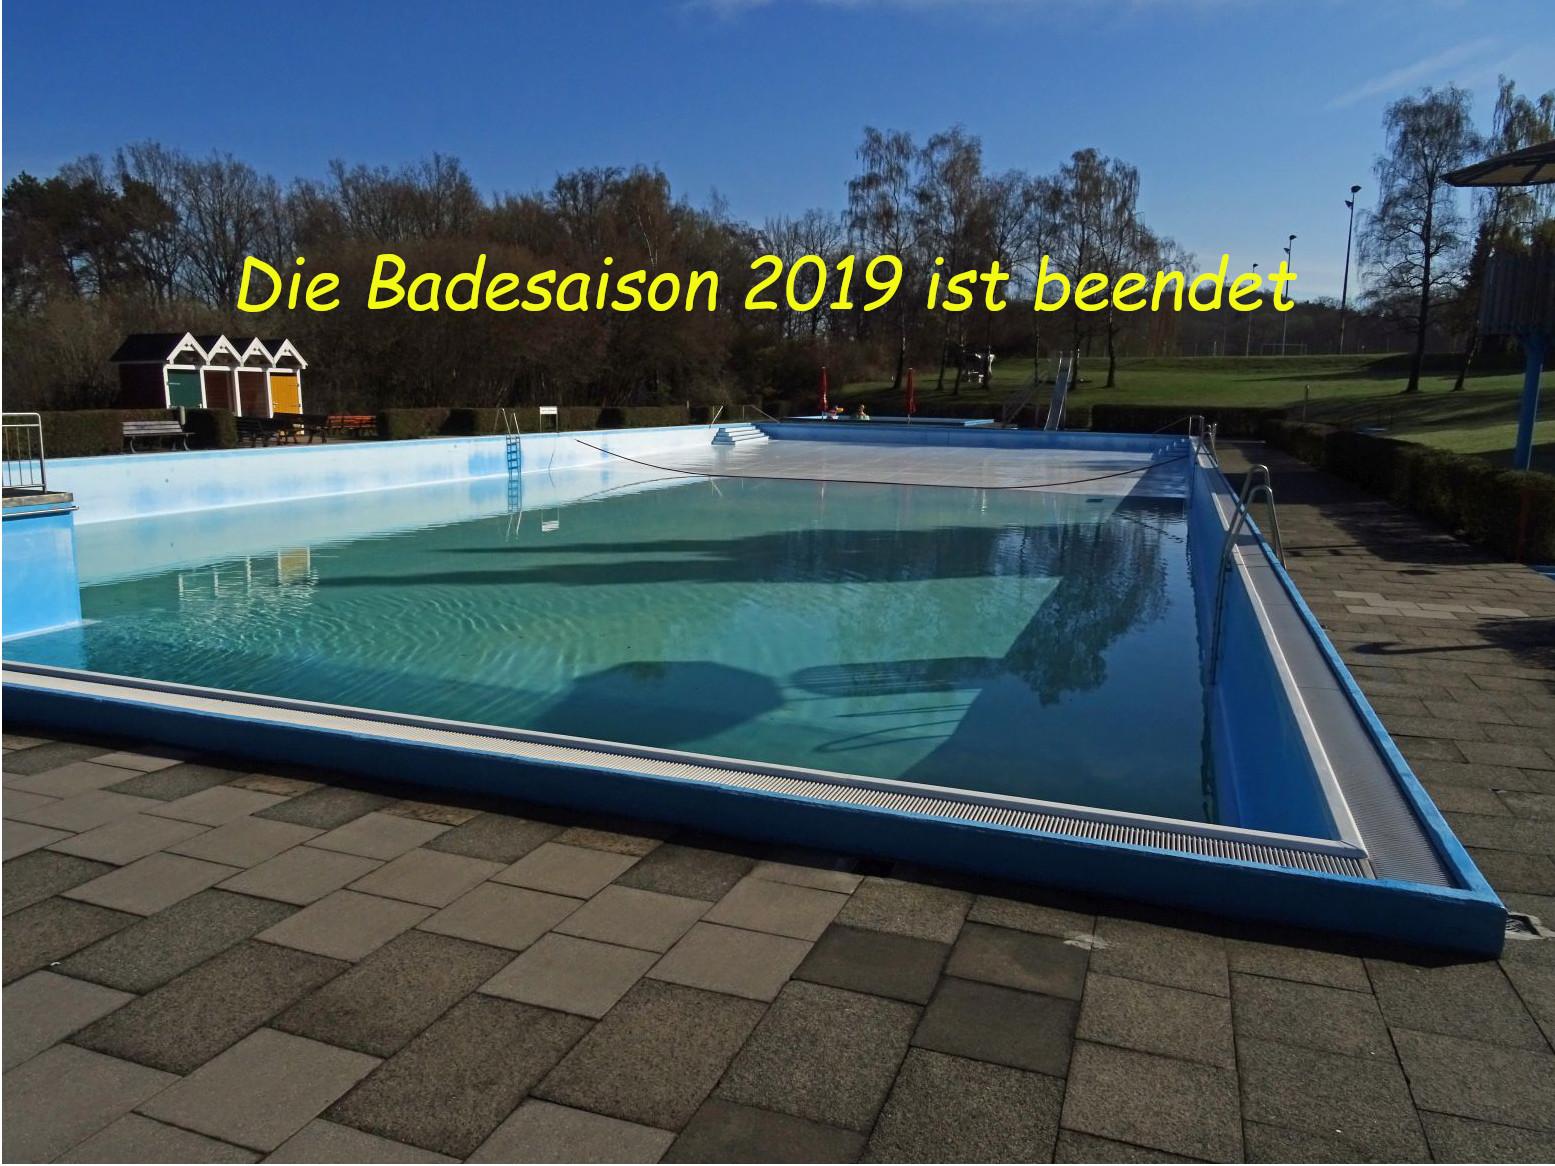 Ende-der-Badesaison-2019